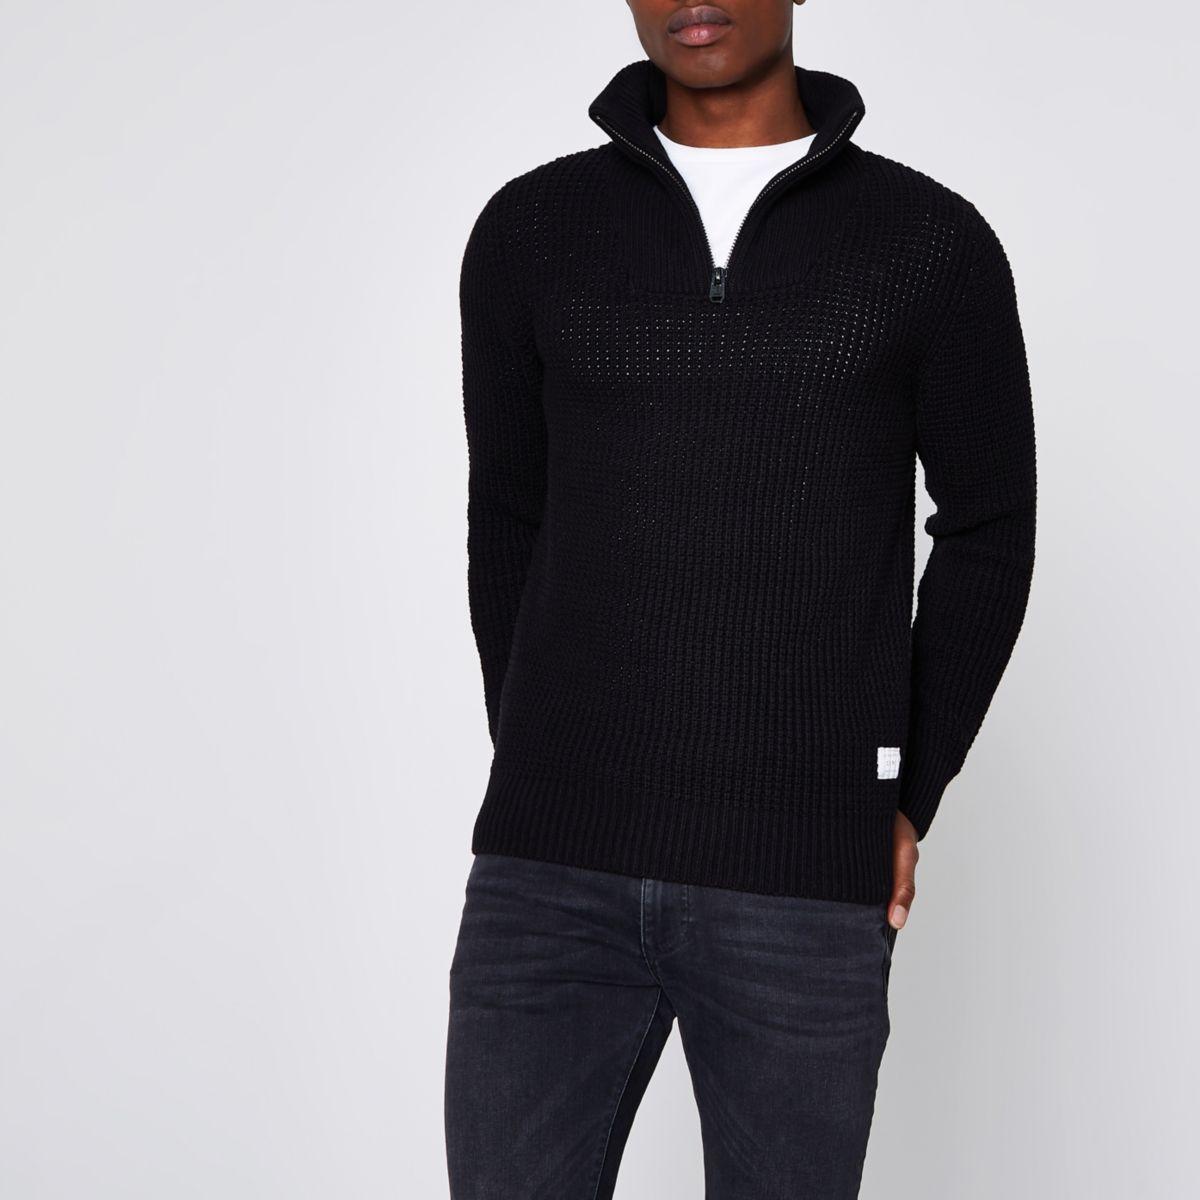 Jack & Jones Core – Schwarzer, hochgeschlossener Pullover